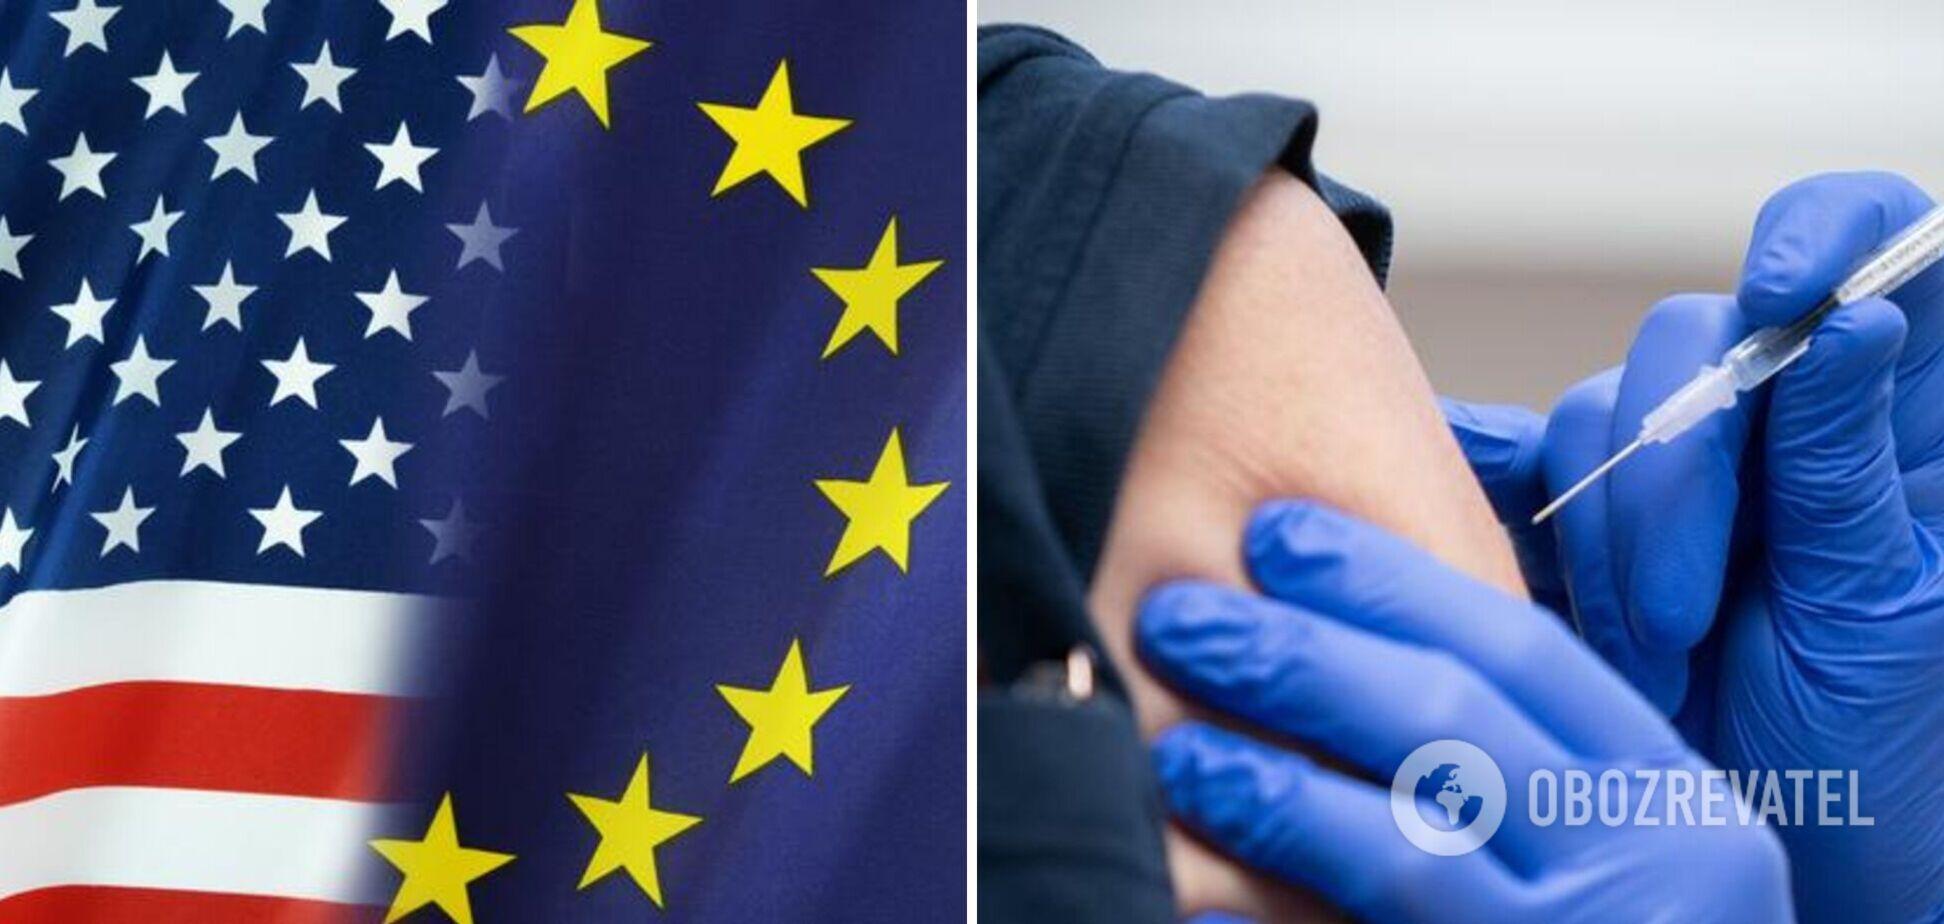 ЕС опередил США по количеству привитых от COVID-19 первой дозой